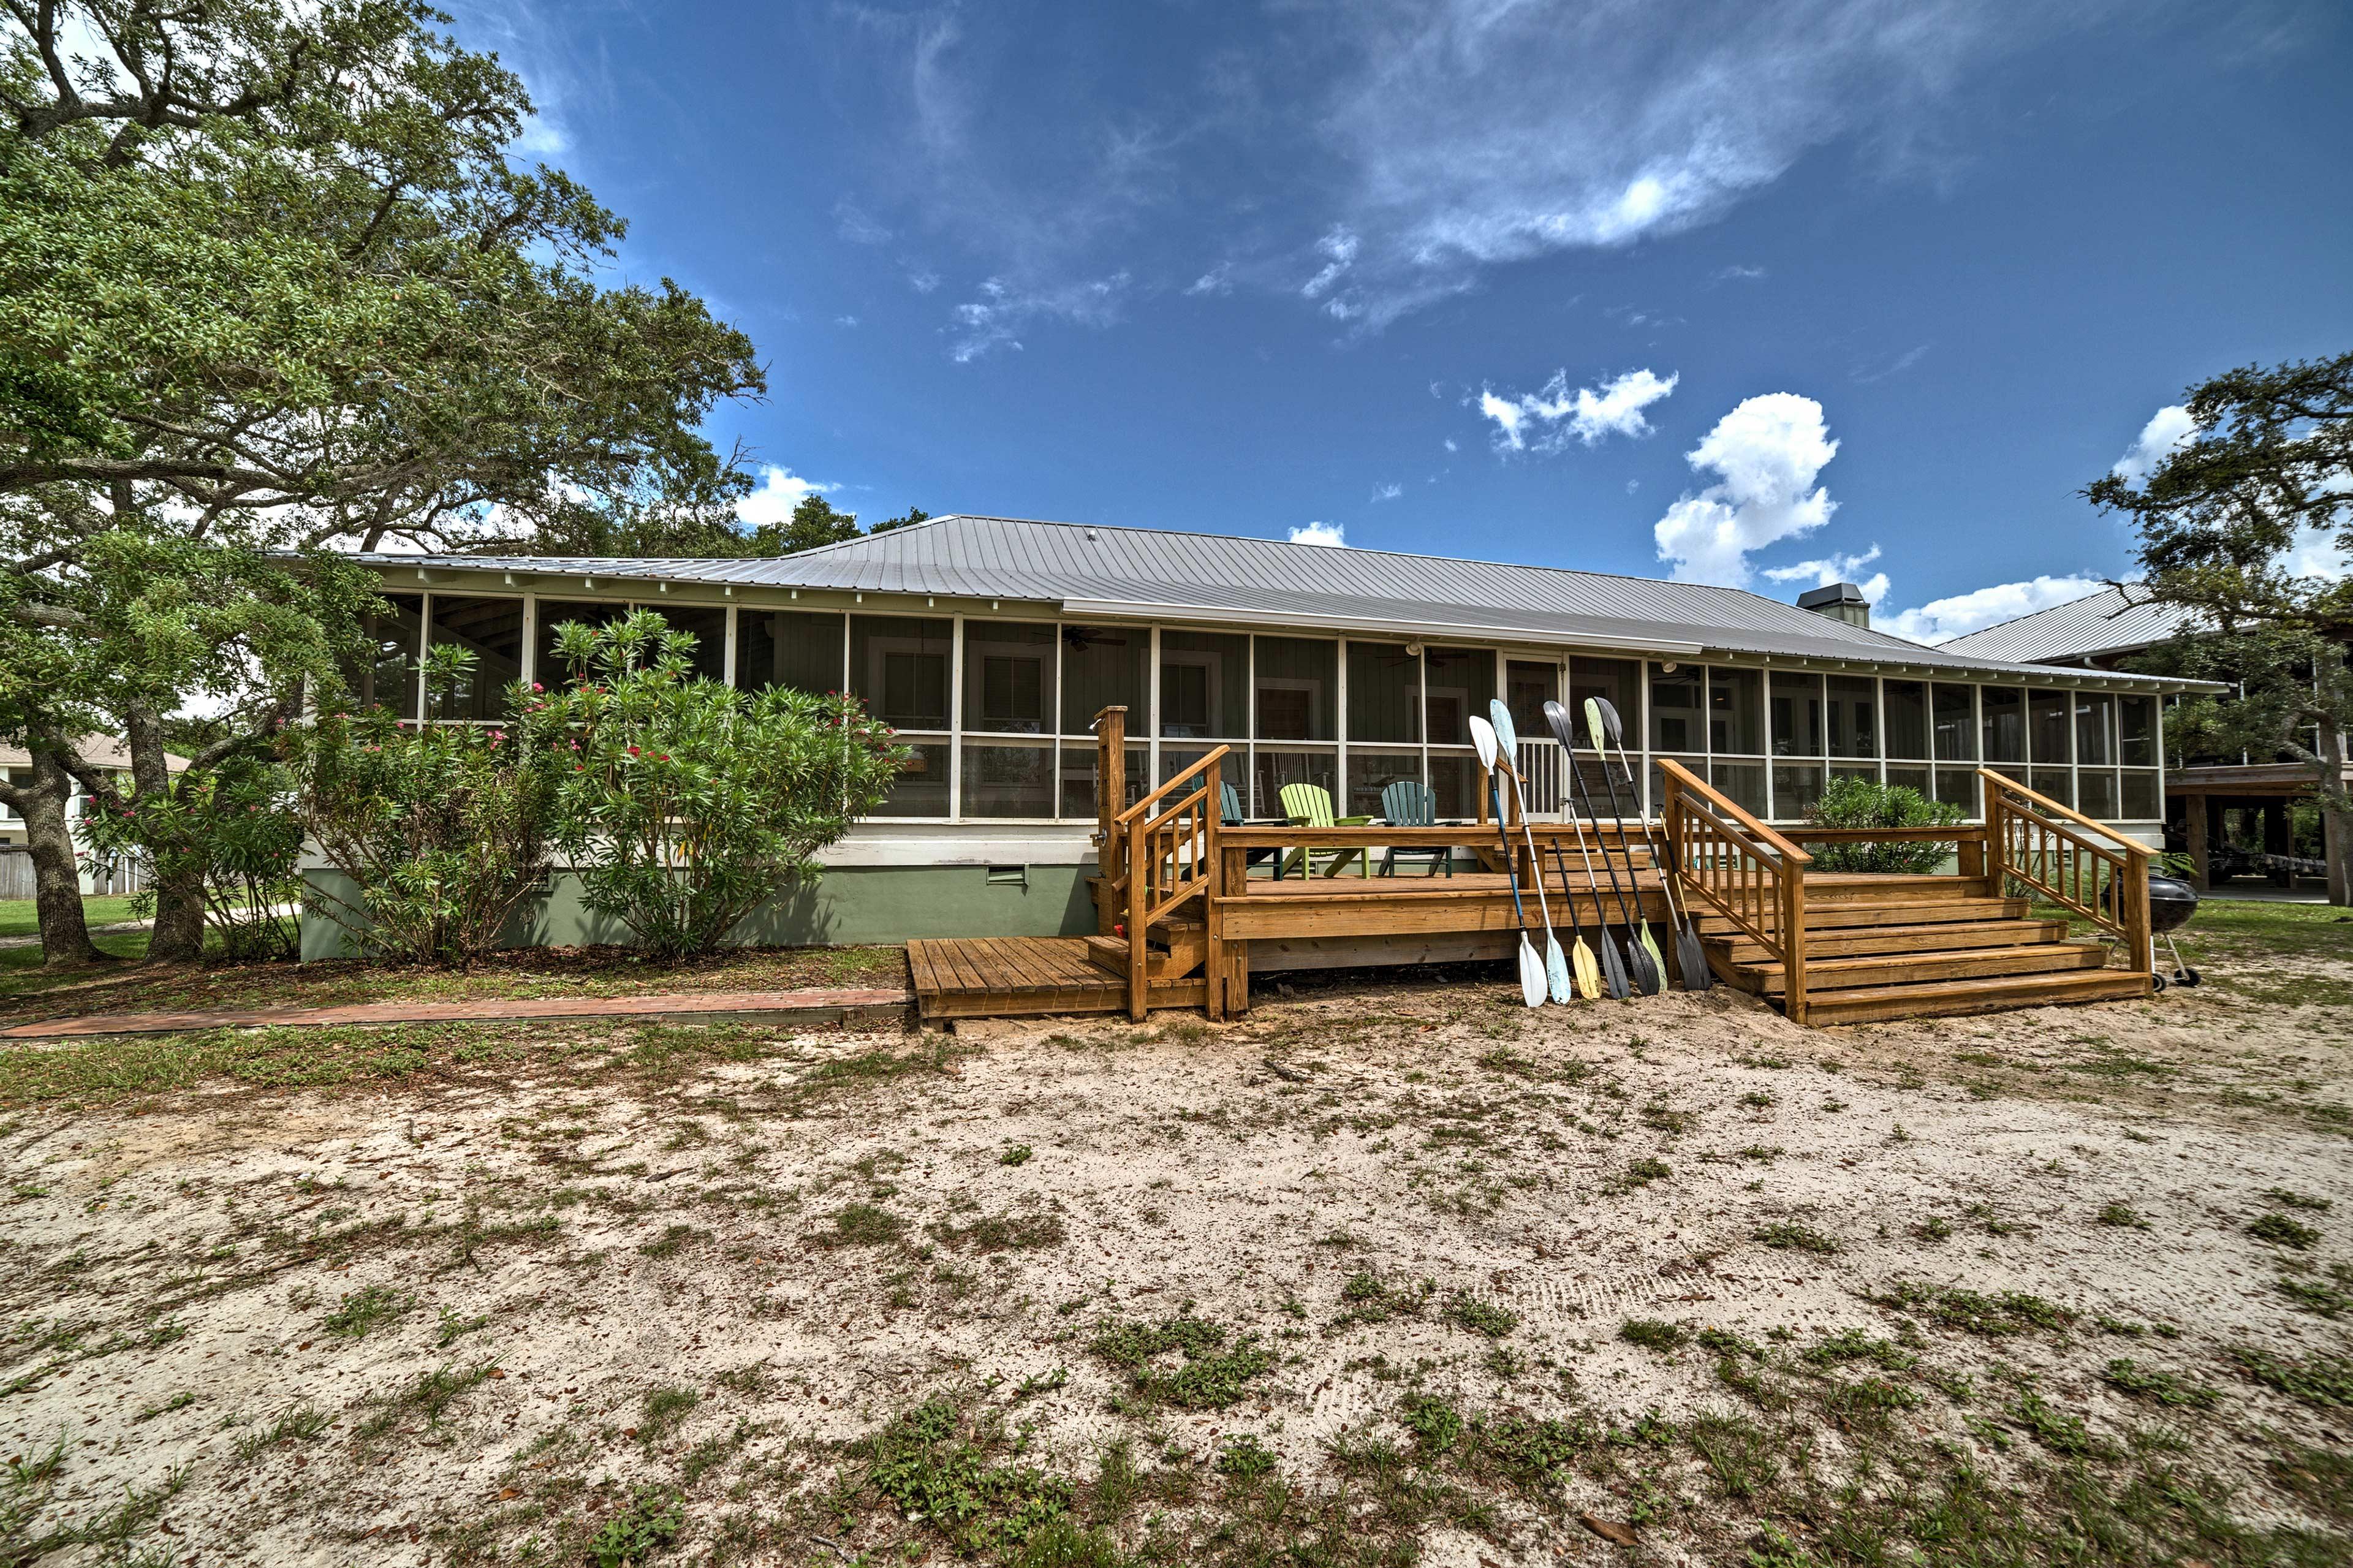 A tranquil beach house getaway awaits.